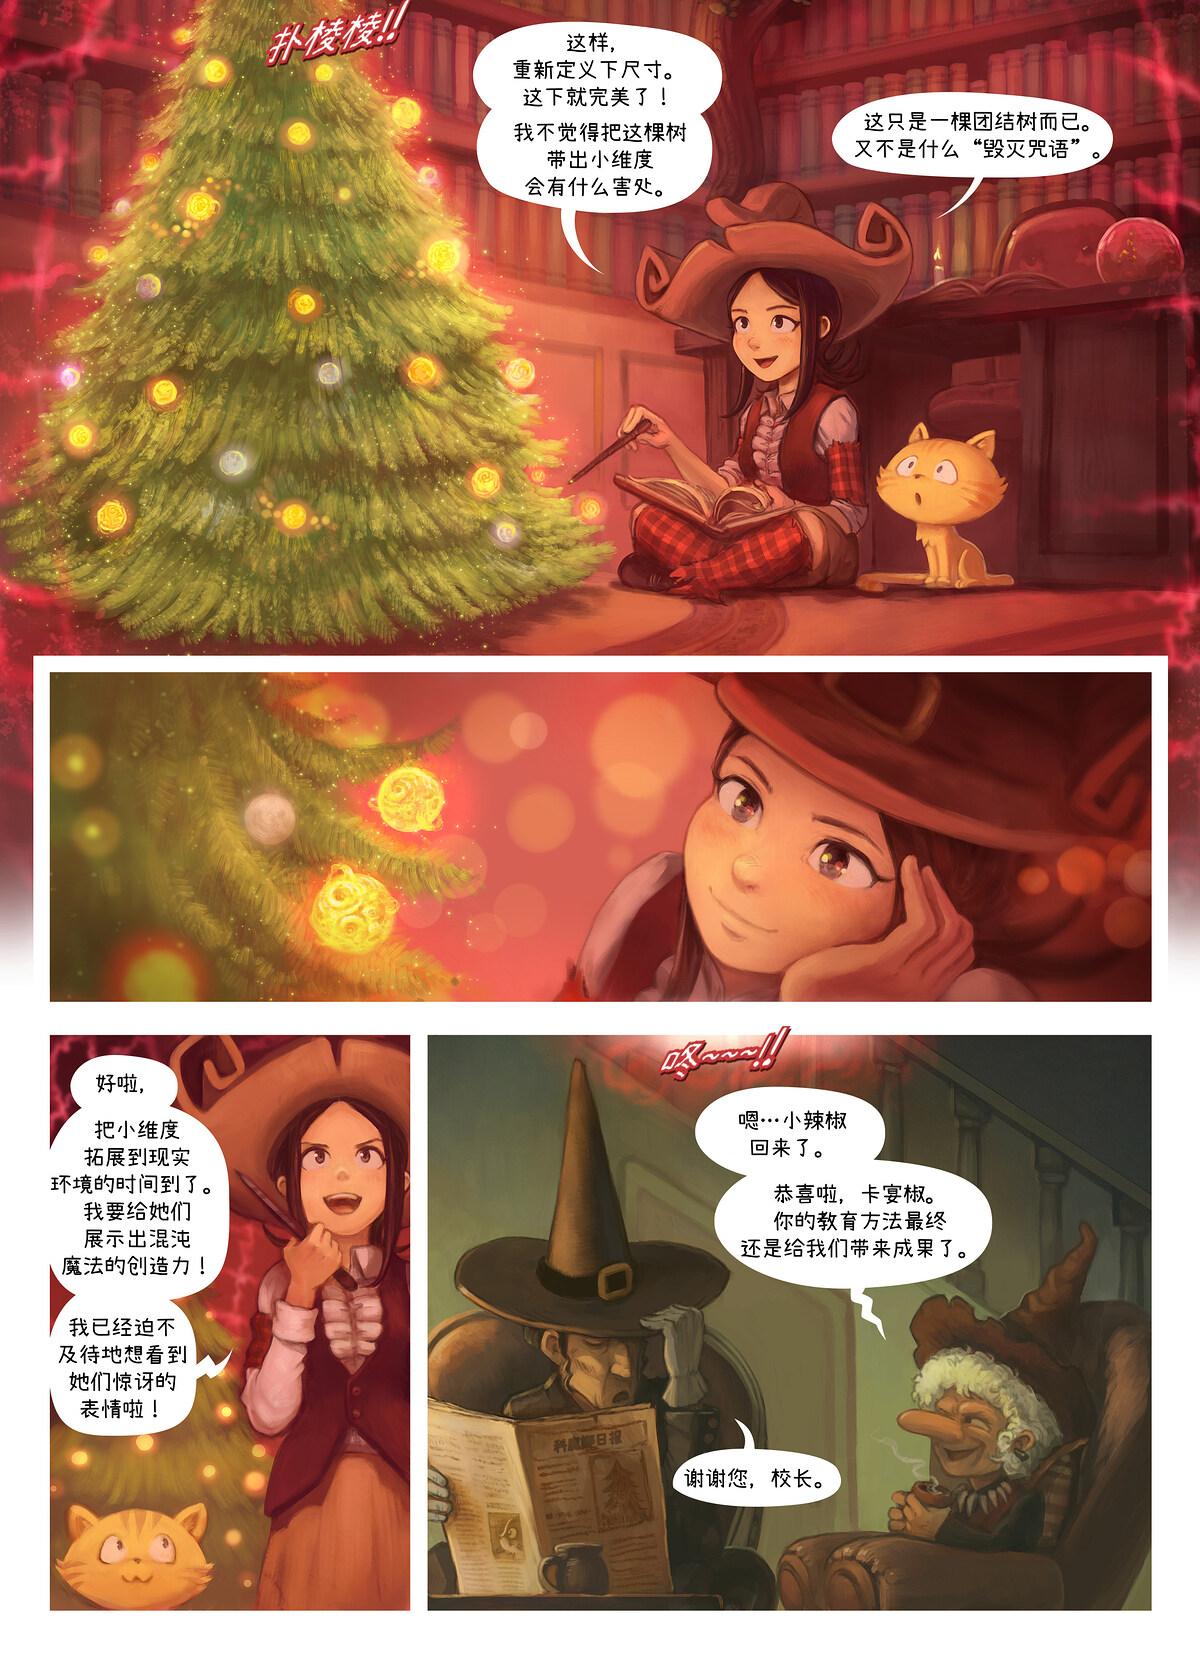 第24集:团结树, Page 5